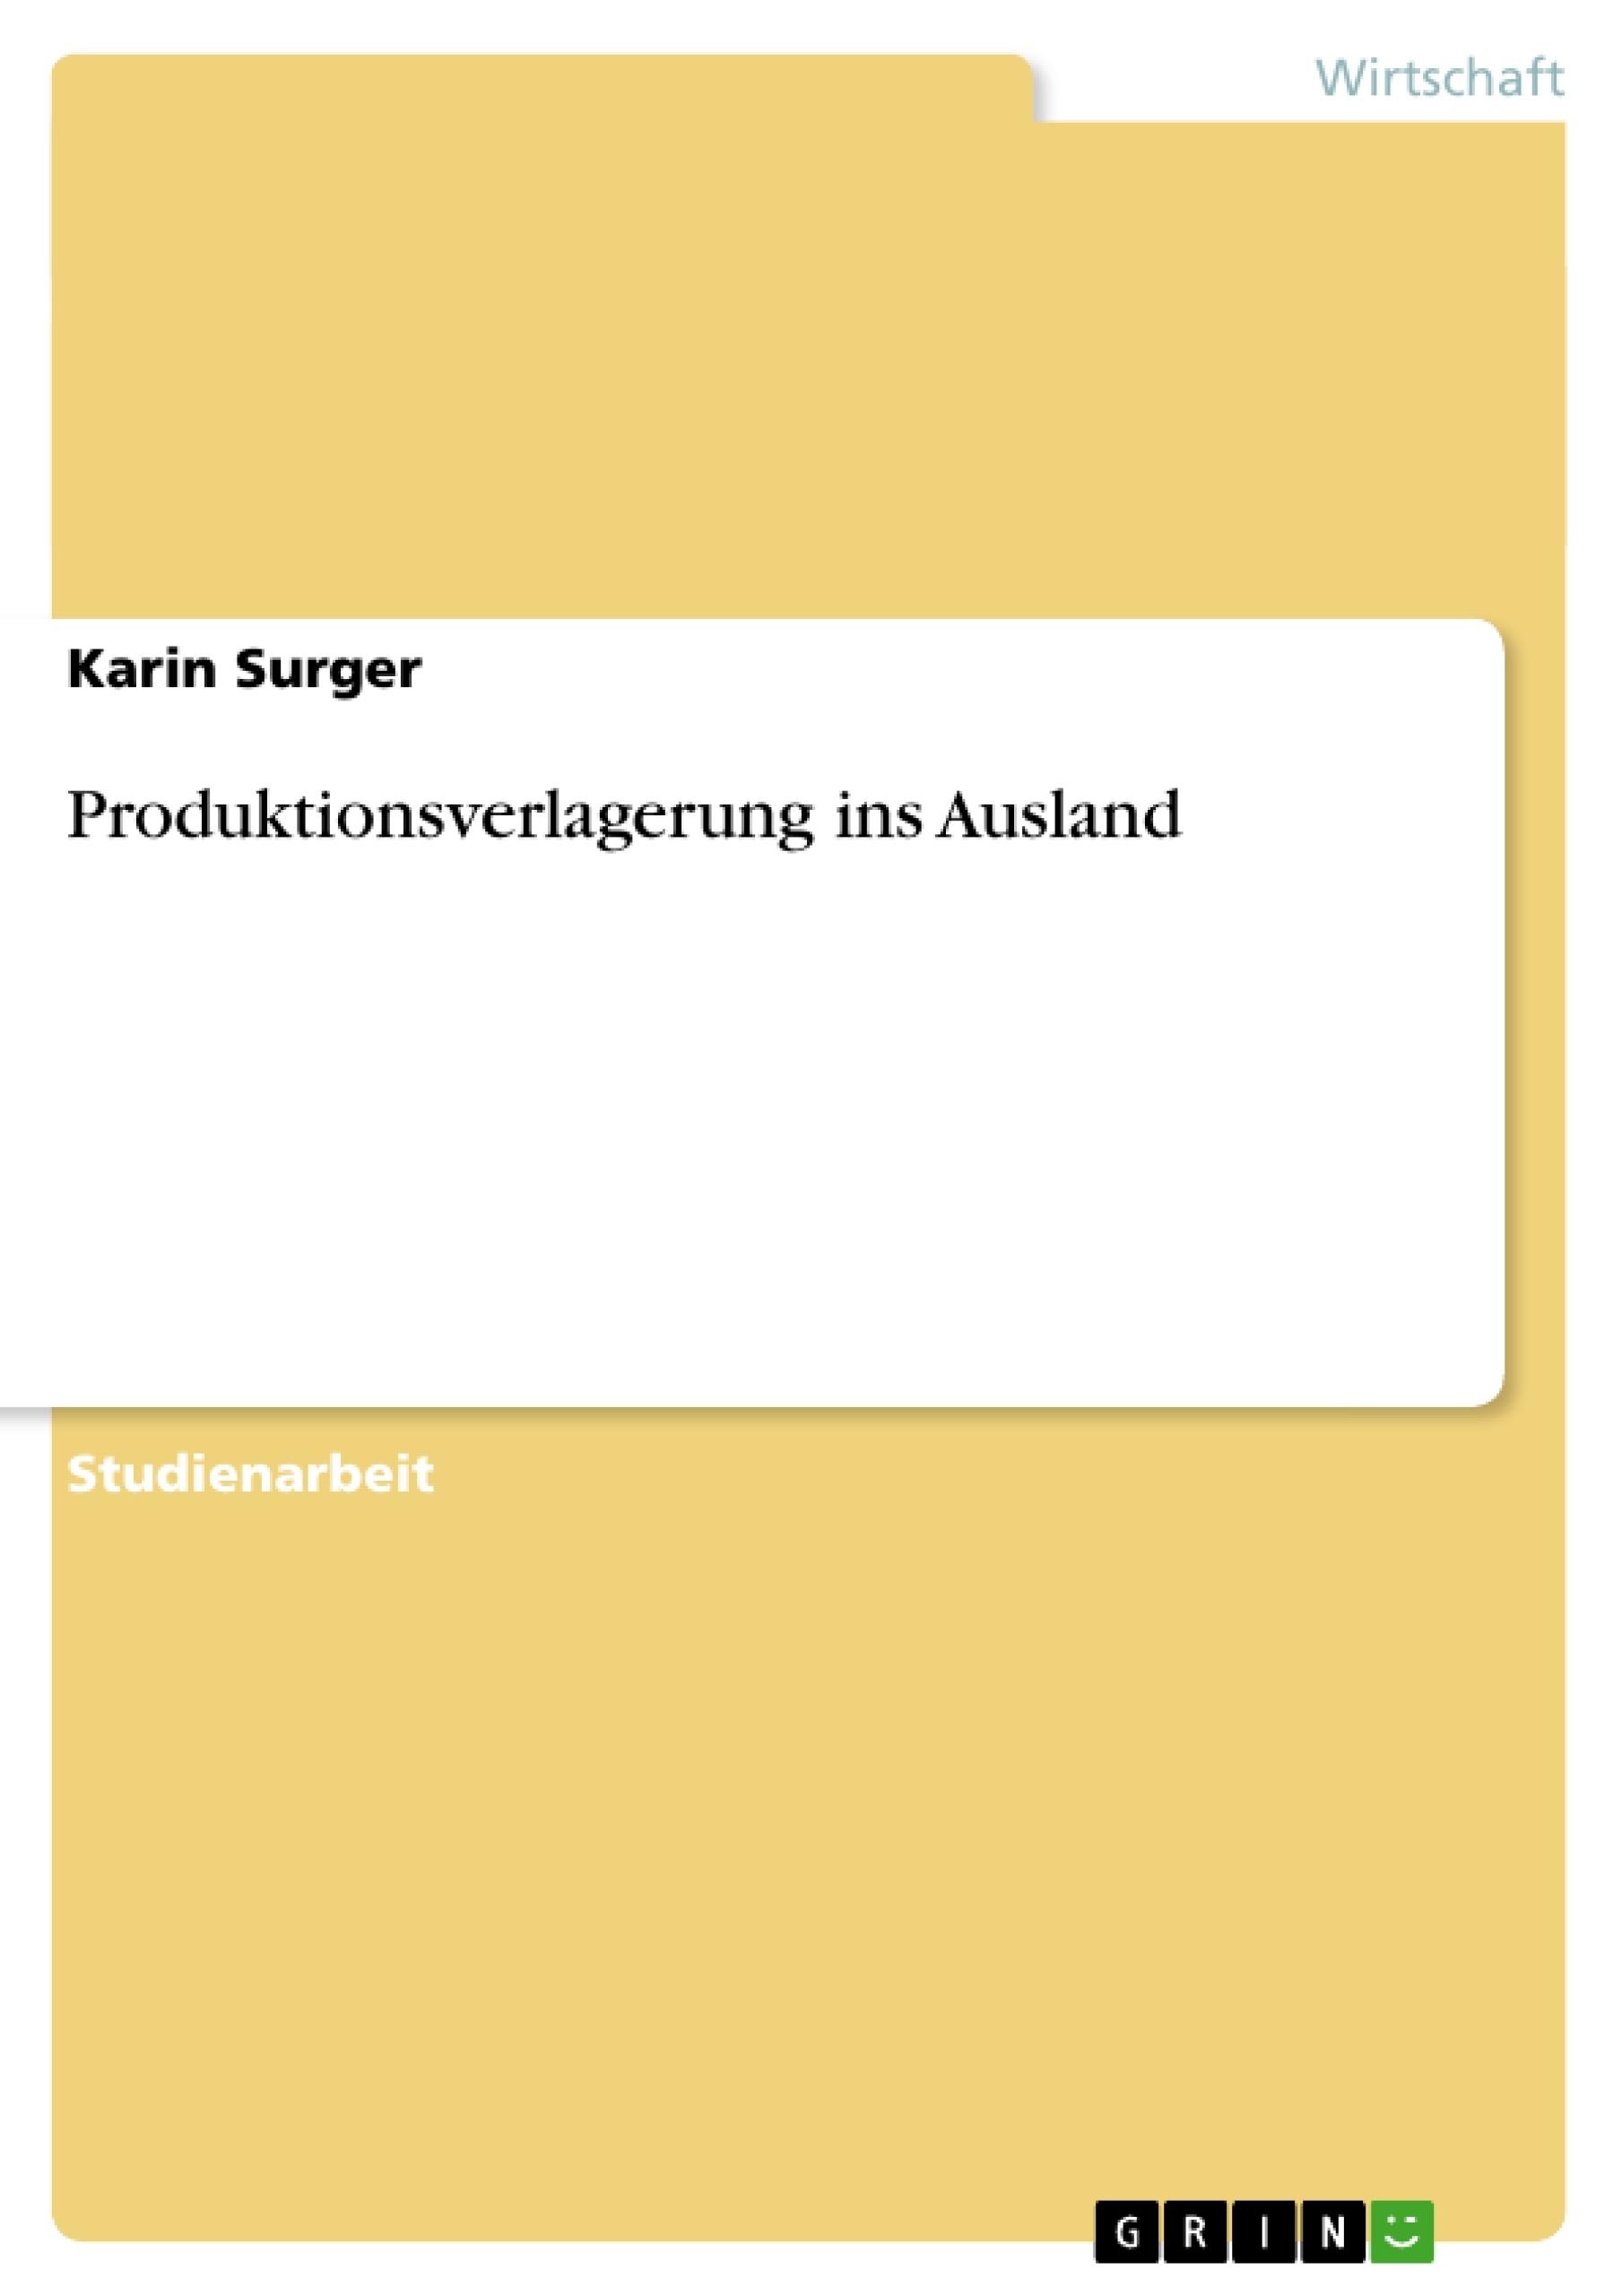 Titel: Produktionsverlagerung ins Ausland